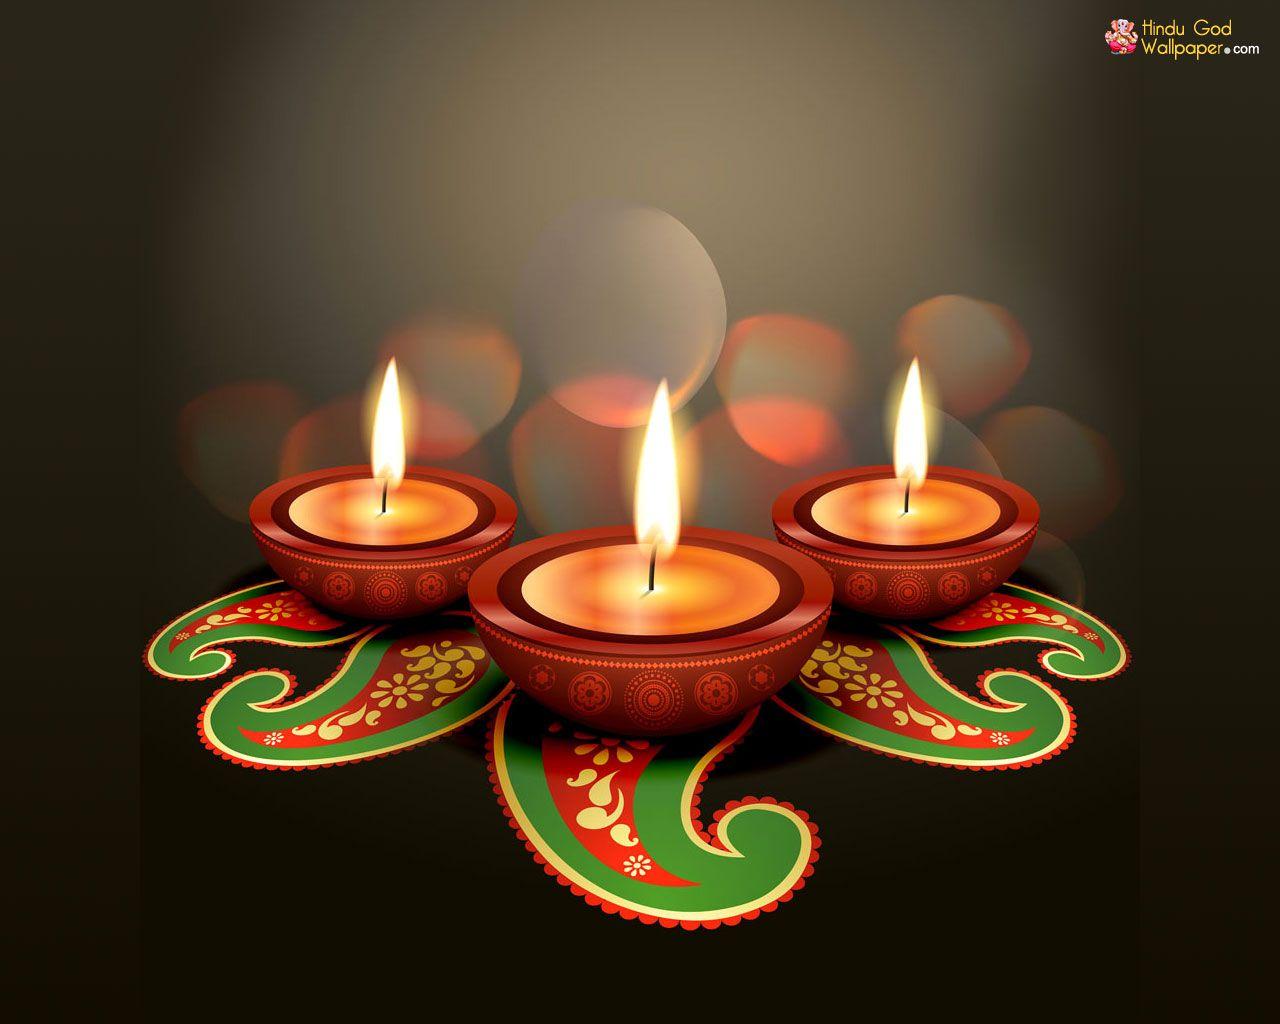 Diwali Diya Wallpapers!! | iphone 6 designer cover | Pinterest ... for Diwali Lamps Designs  186ref